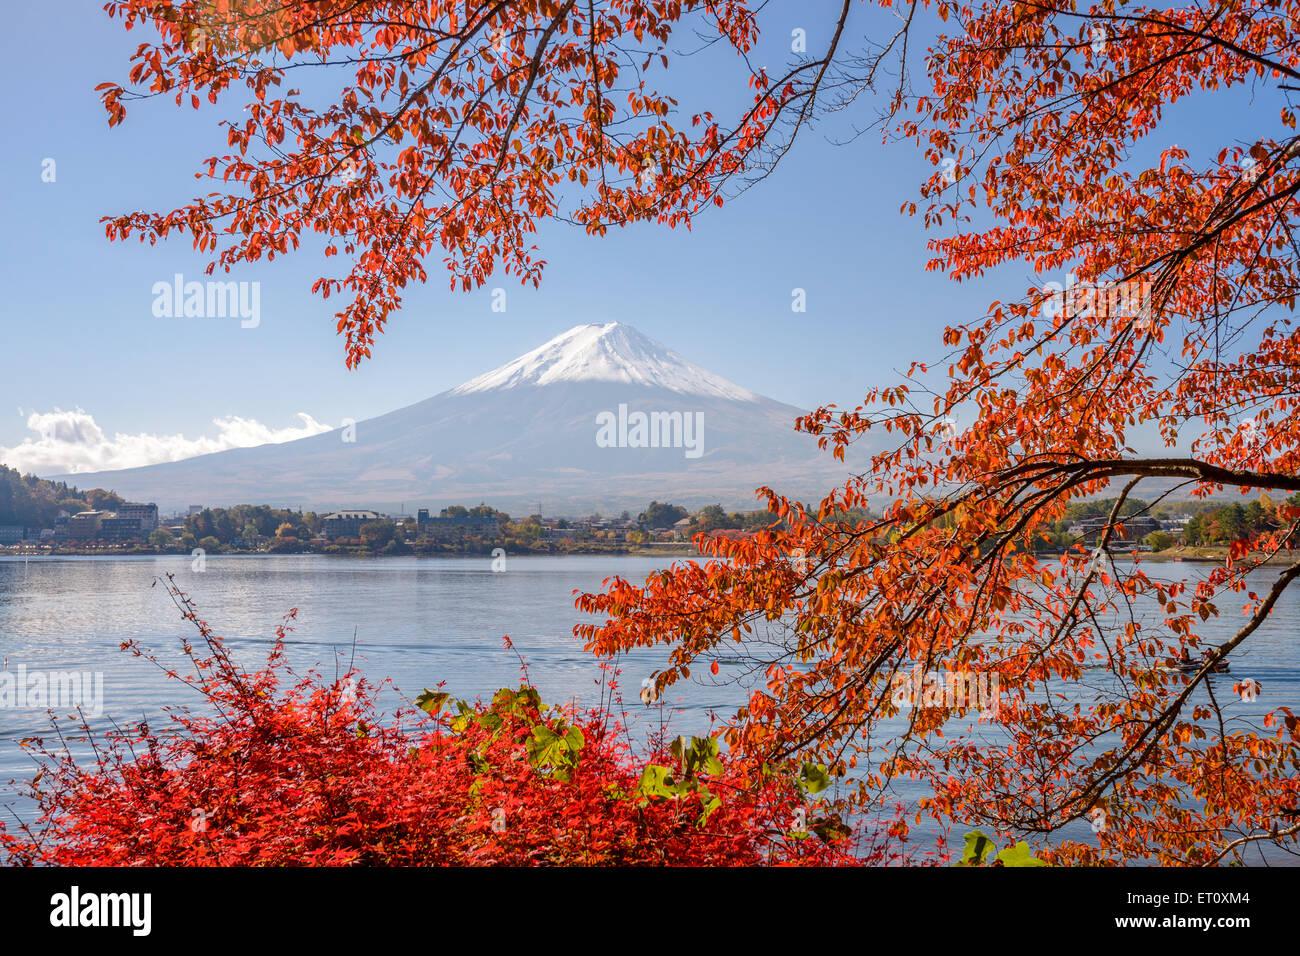 Mt. Fuji, Japón en el Lago Kawaguchi durante la temporada de otoño. Imagen De Stock